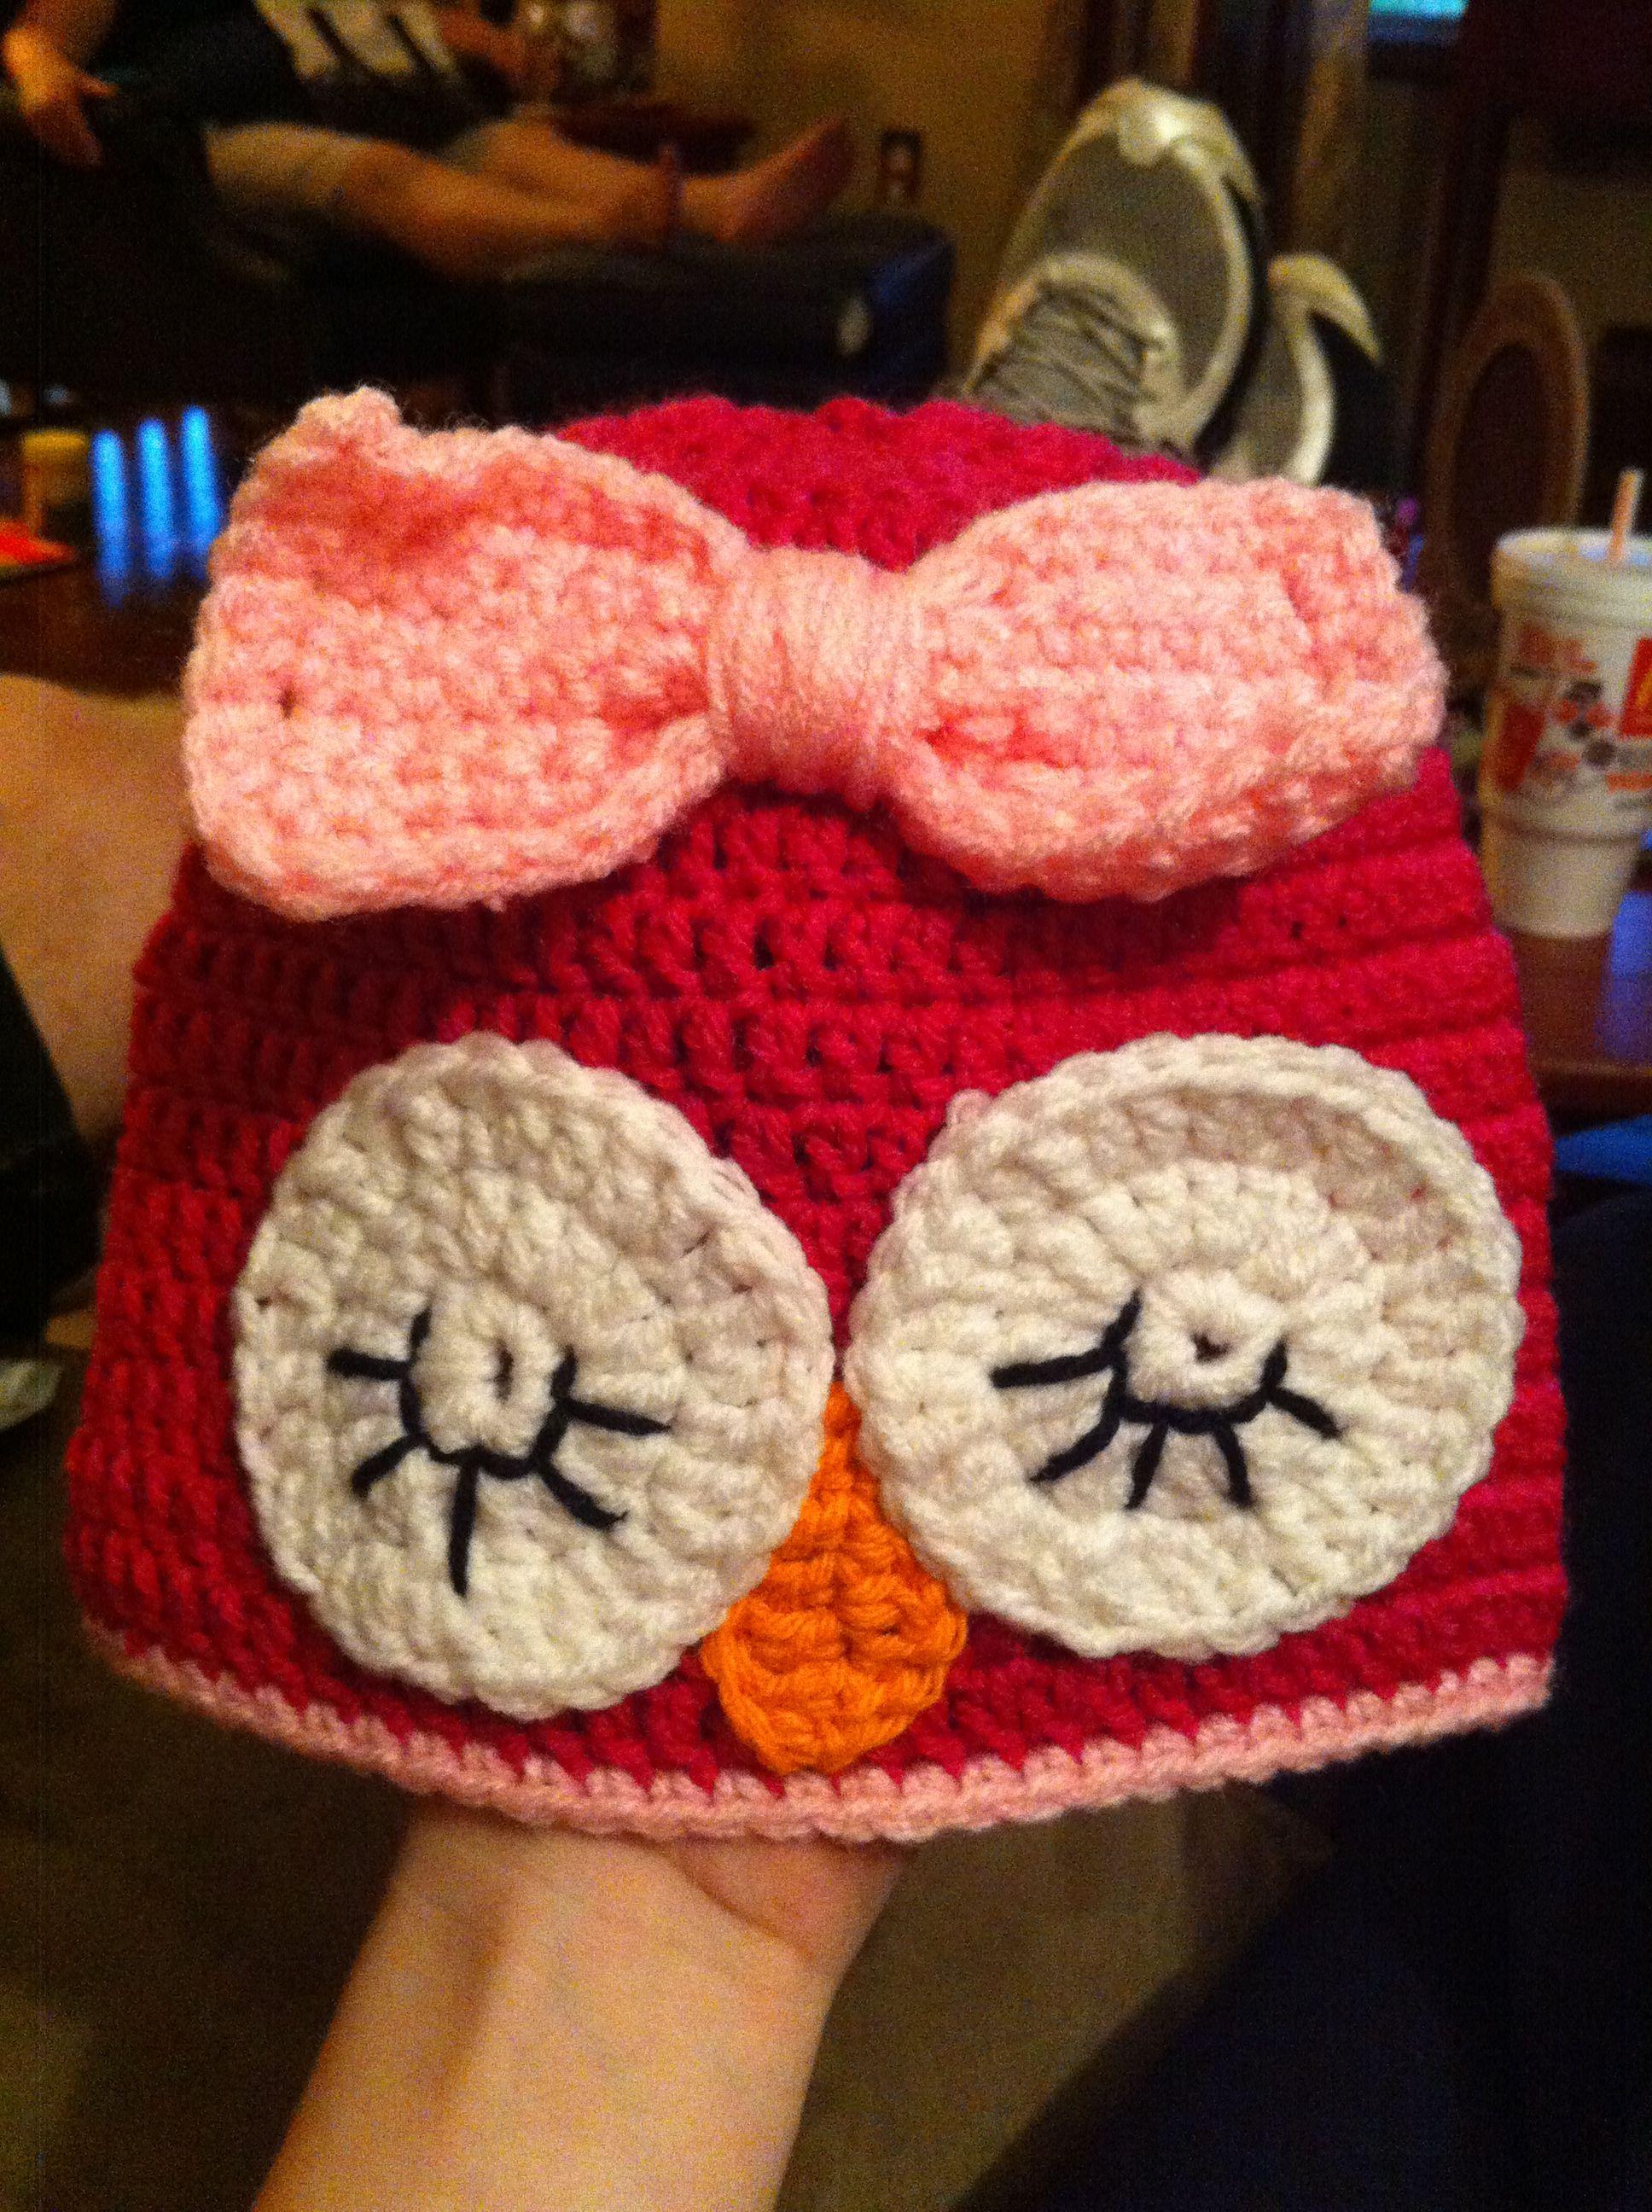 Sleepy owl crochet hat from Hooked by Meme Facebookhookedbymeme